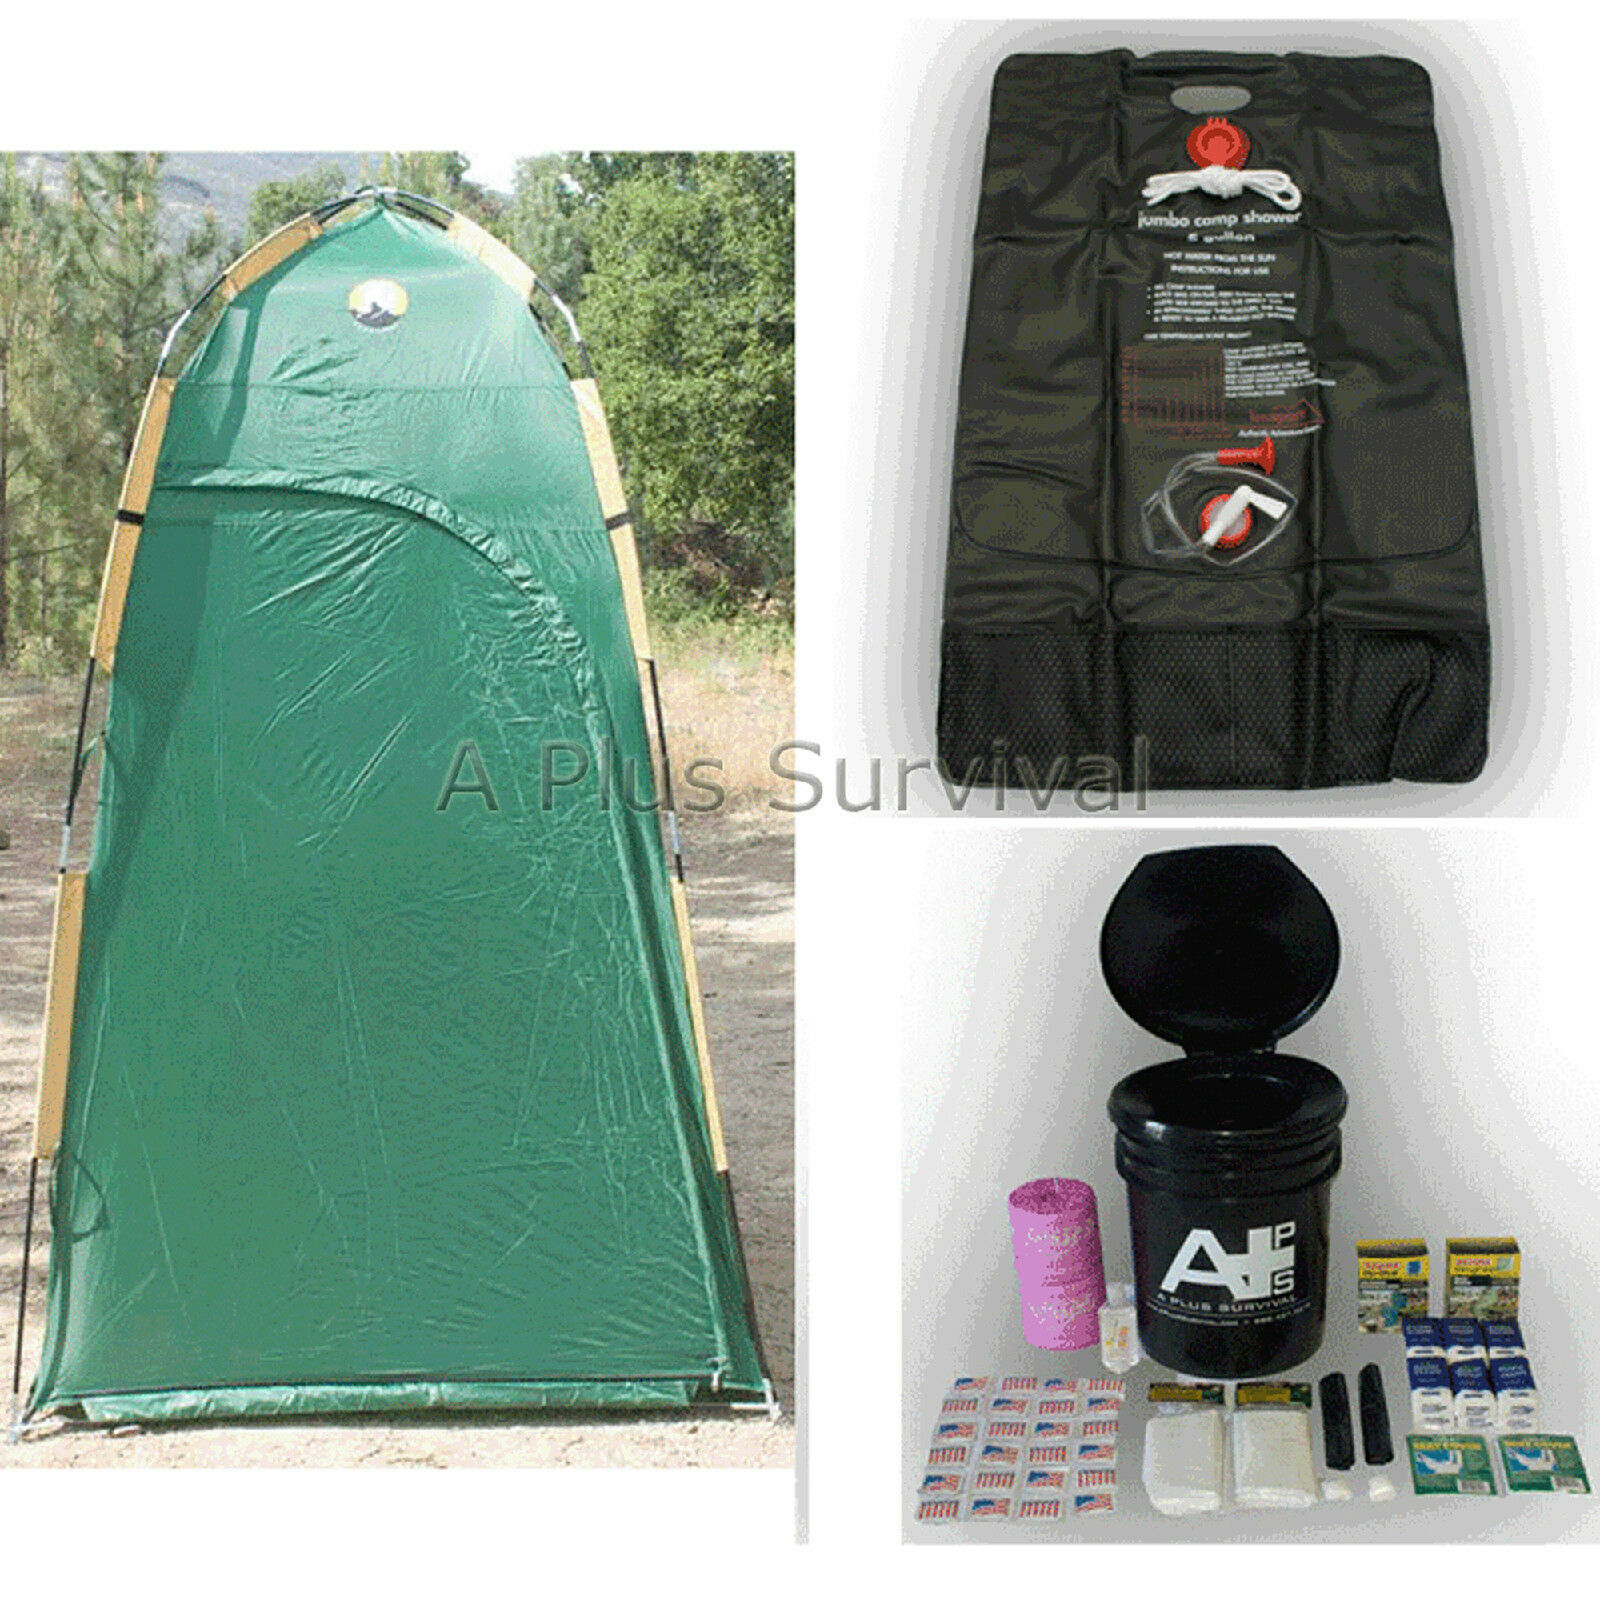 Deluxe Shelter, Solar Shower & Portable Toilet Kit